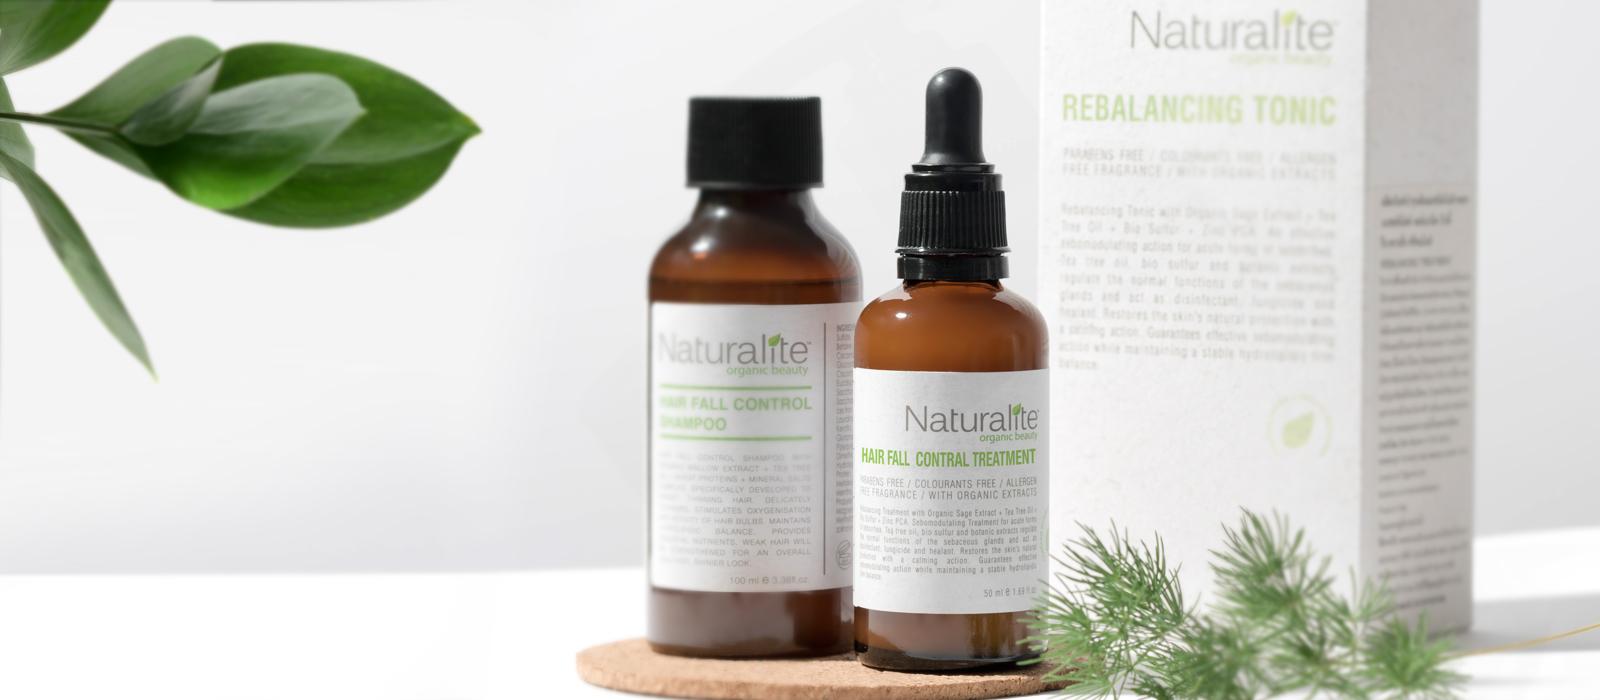 NATURALITE HAIR FALL CONTROL treatment